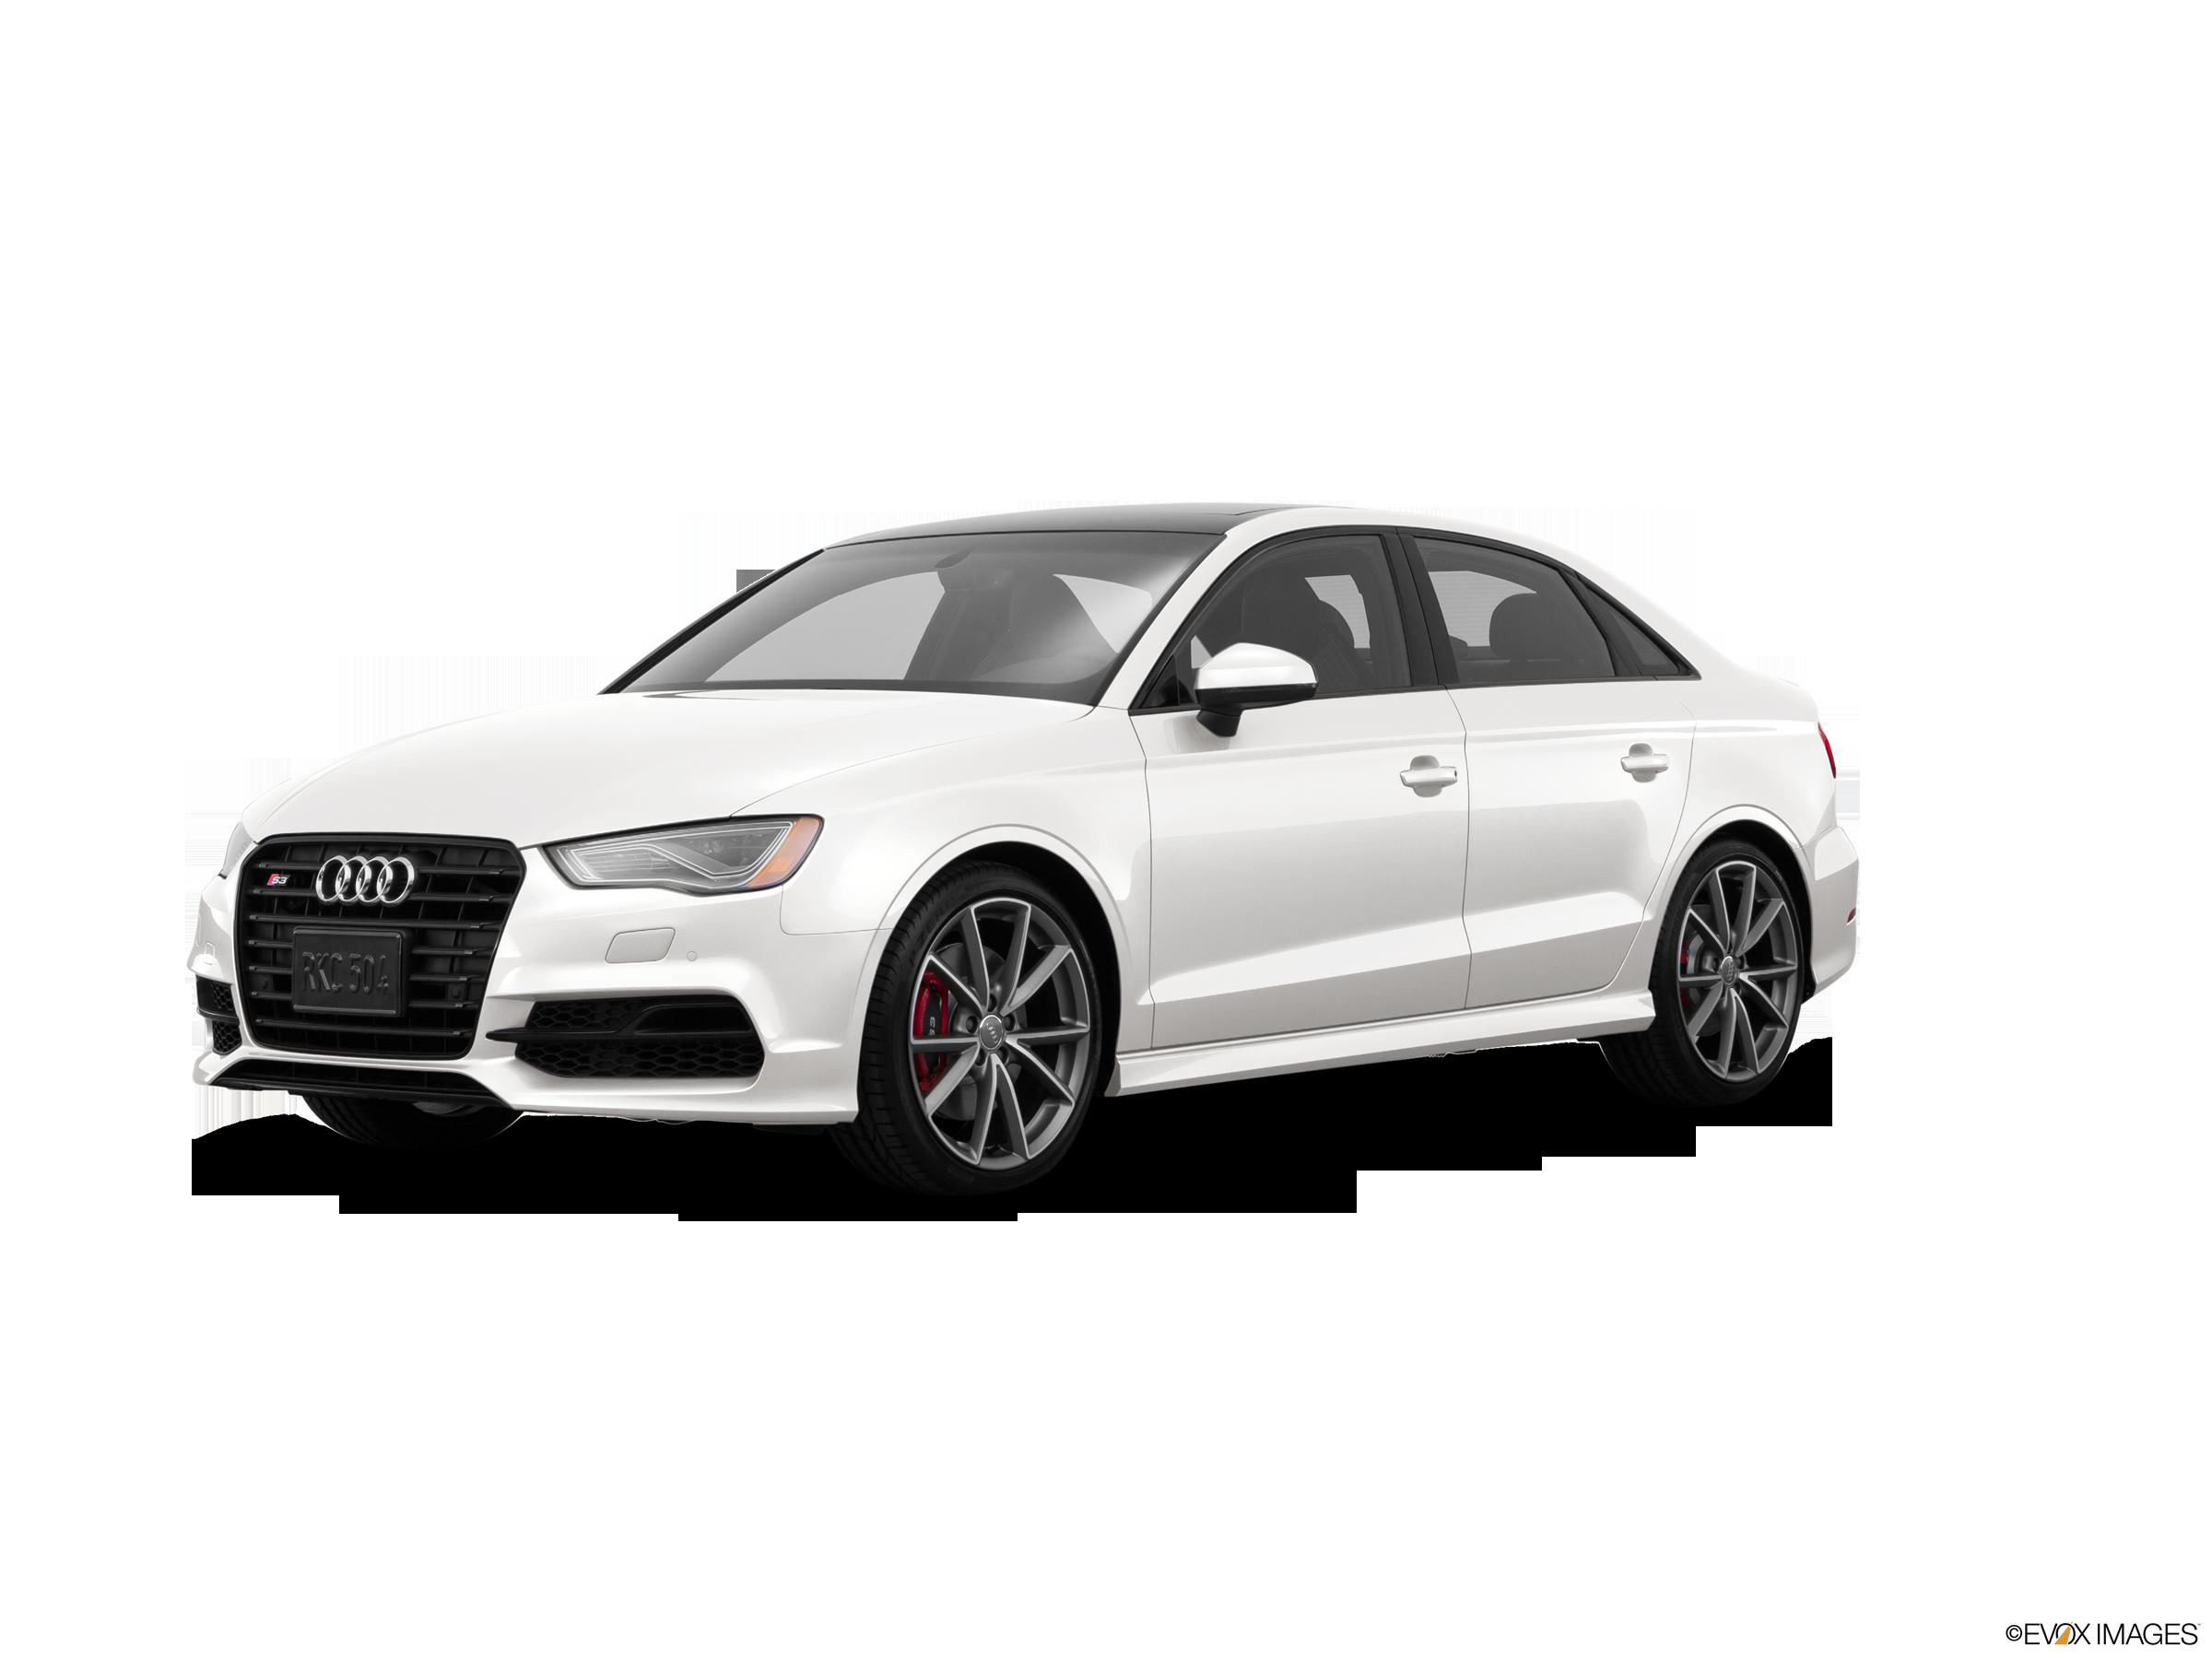 Kelebihan Kekurangan Audi S3 2016 Harga